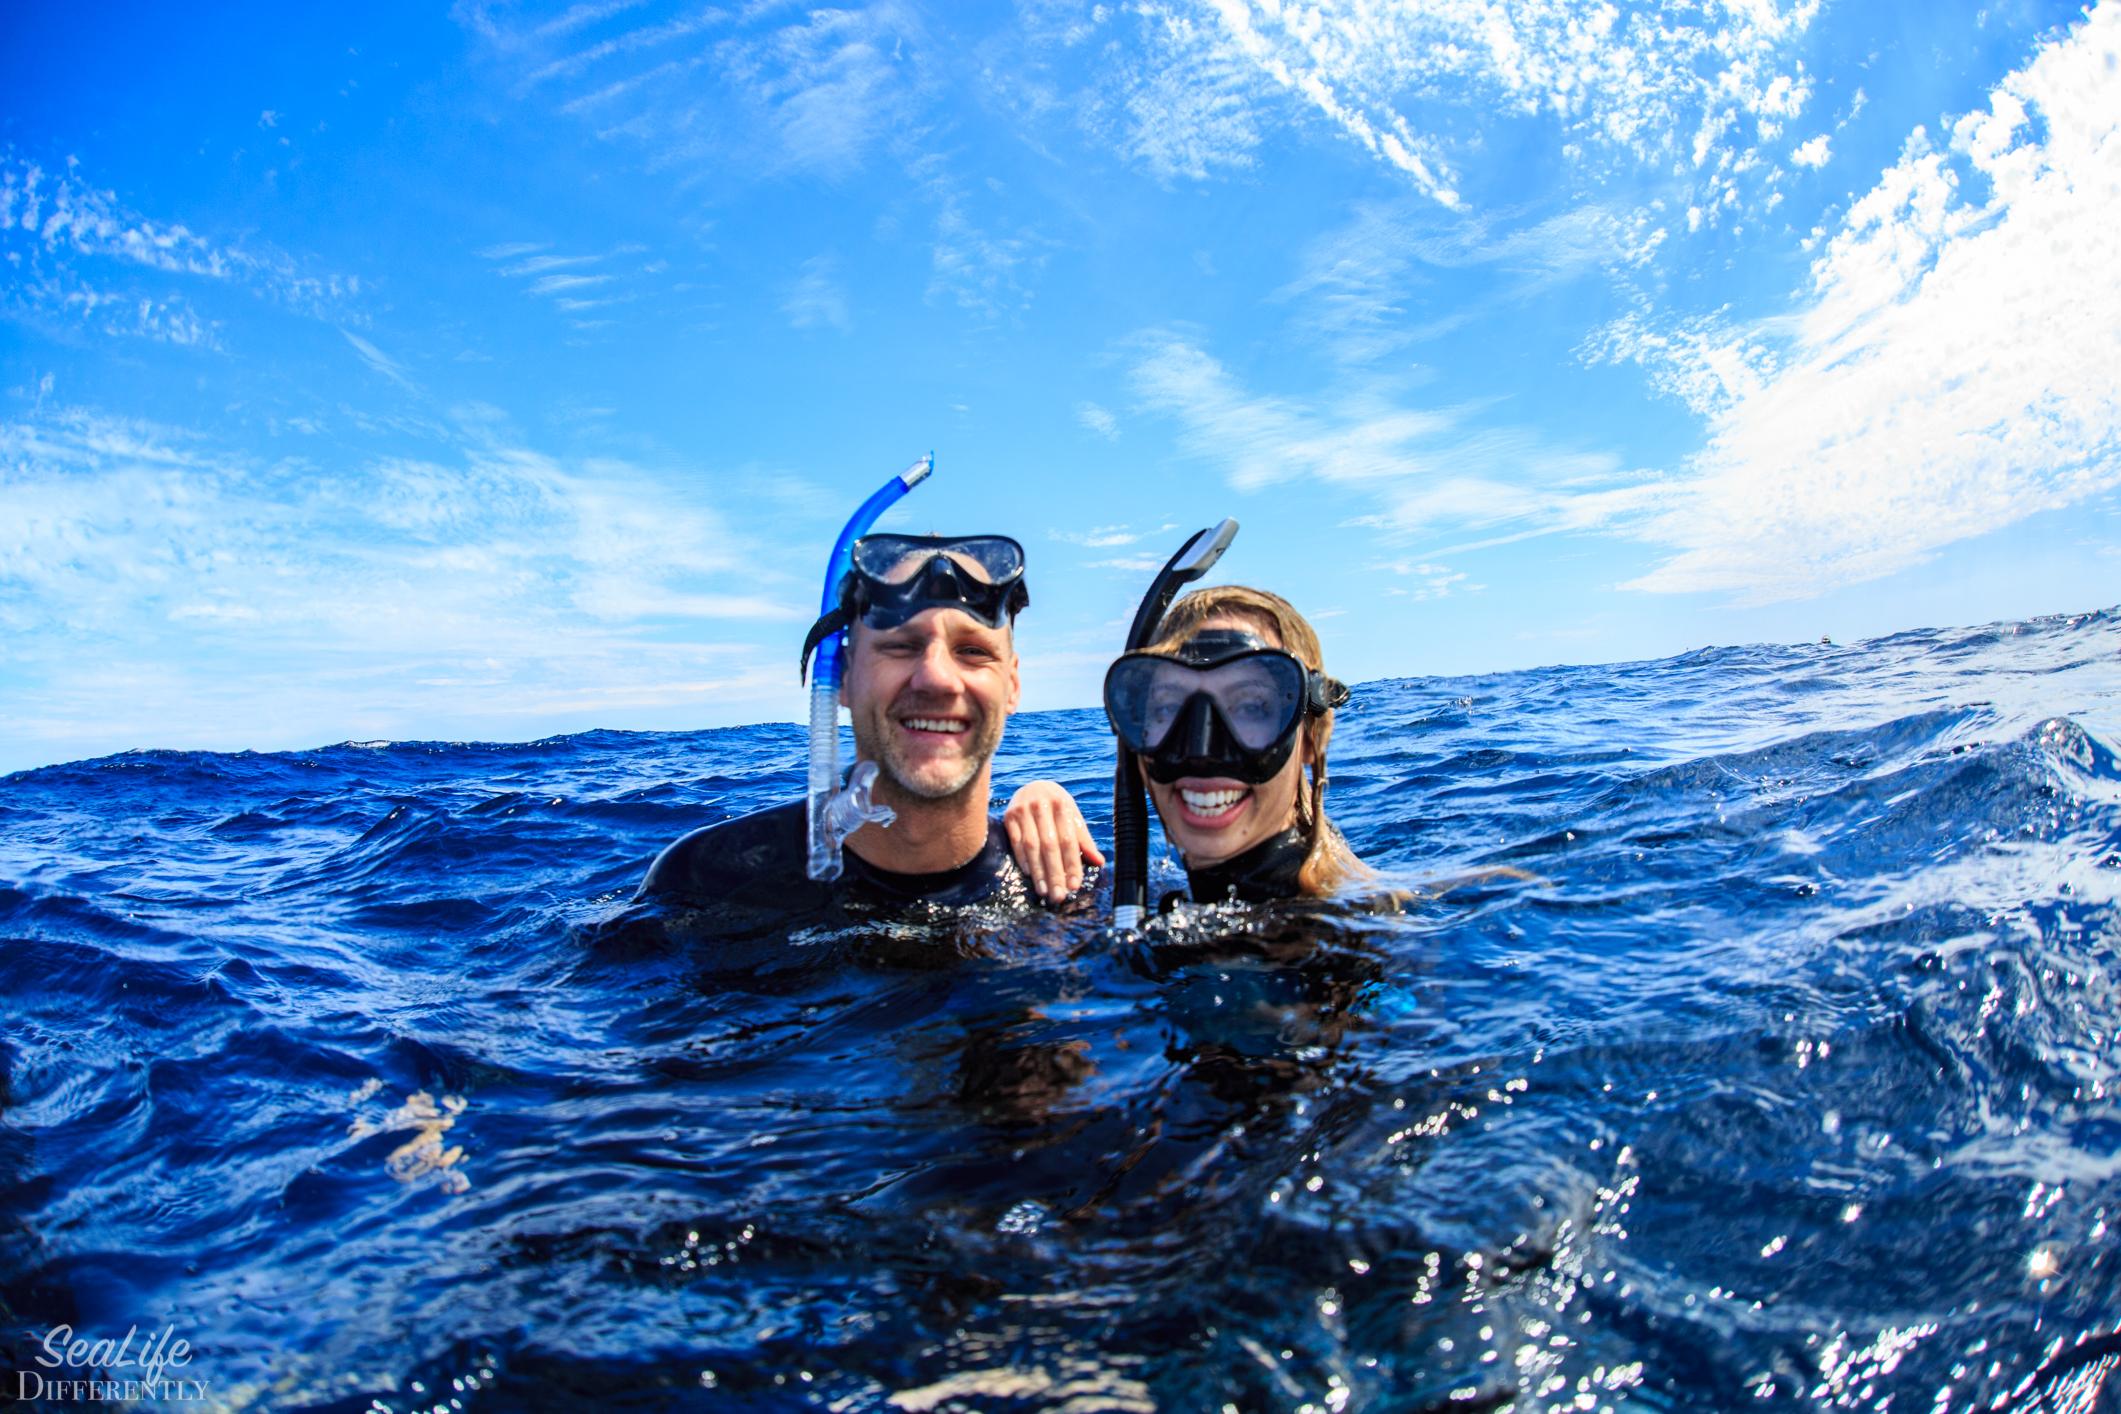 Enjoying snorkeling